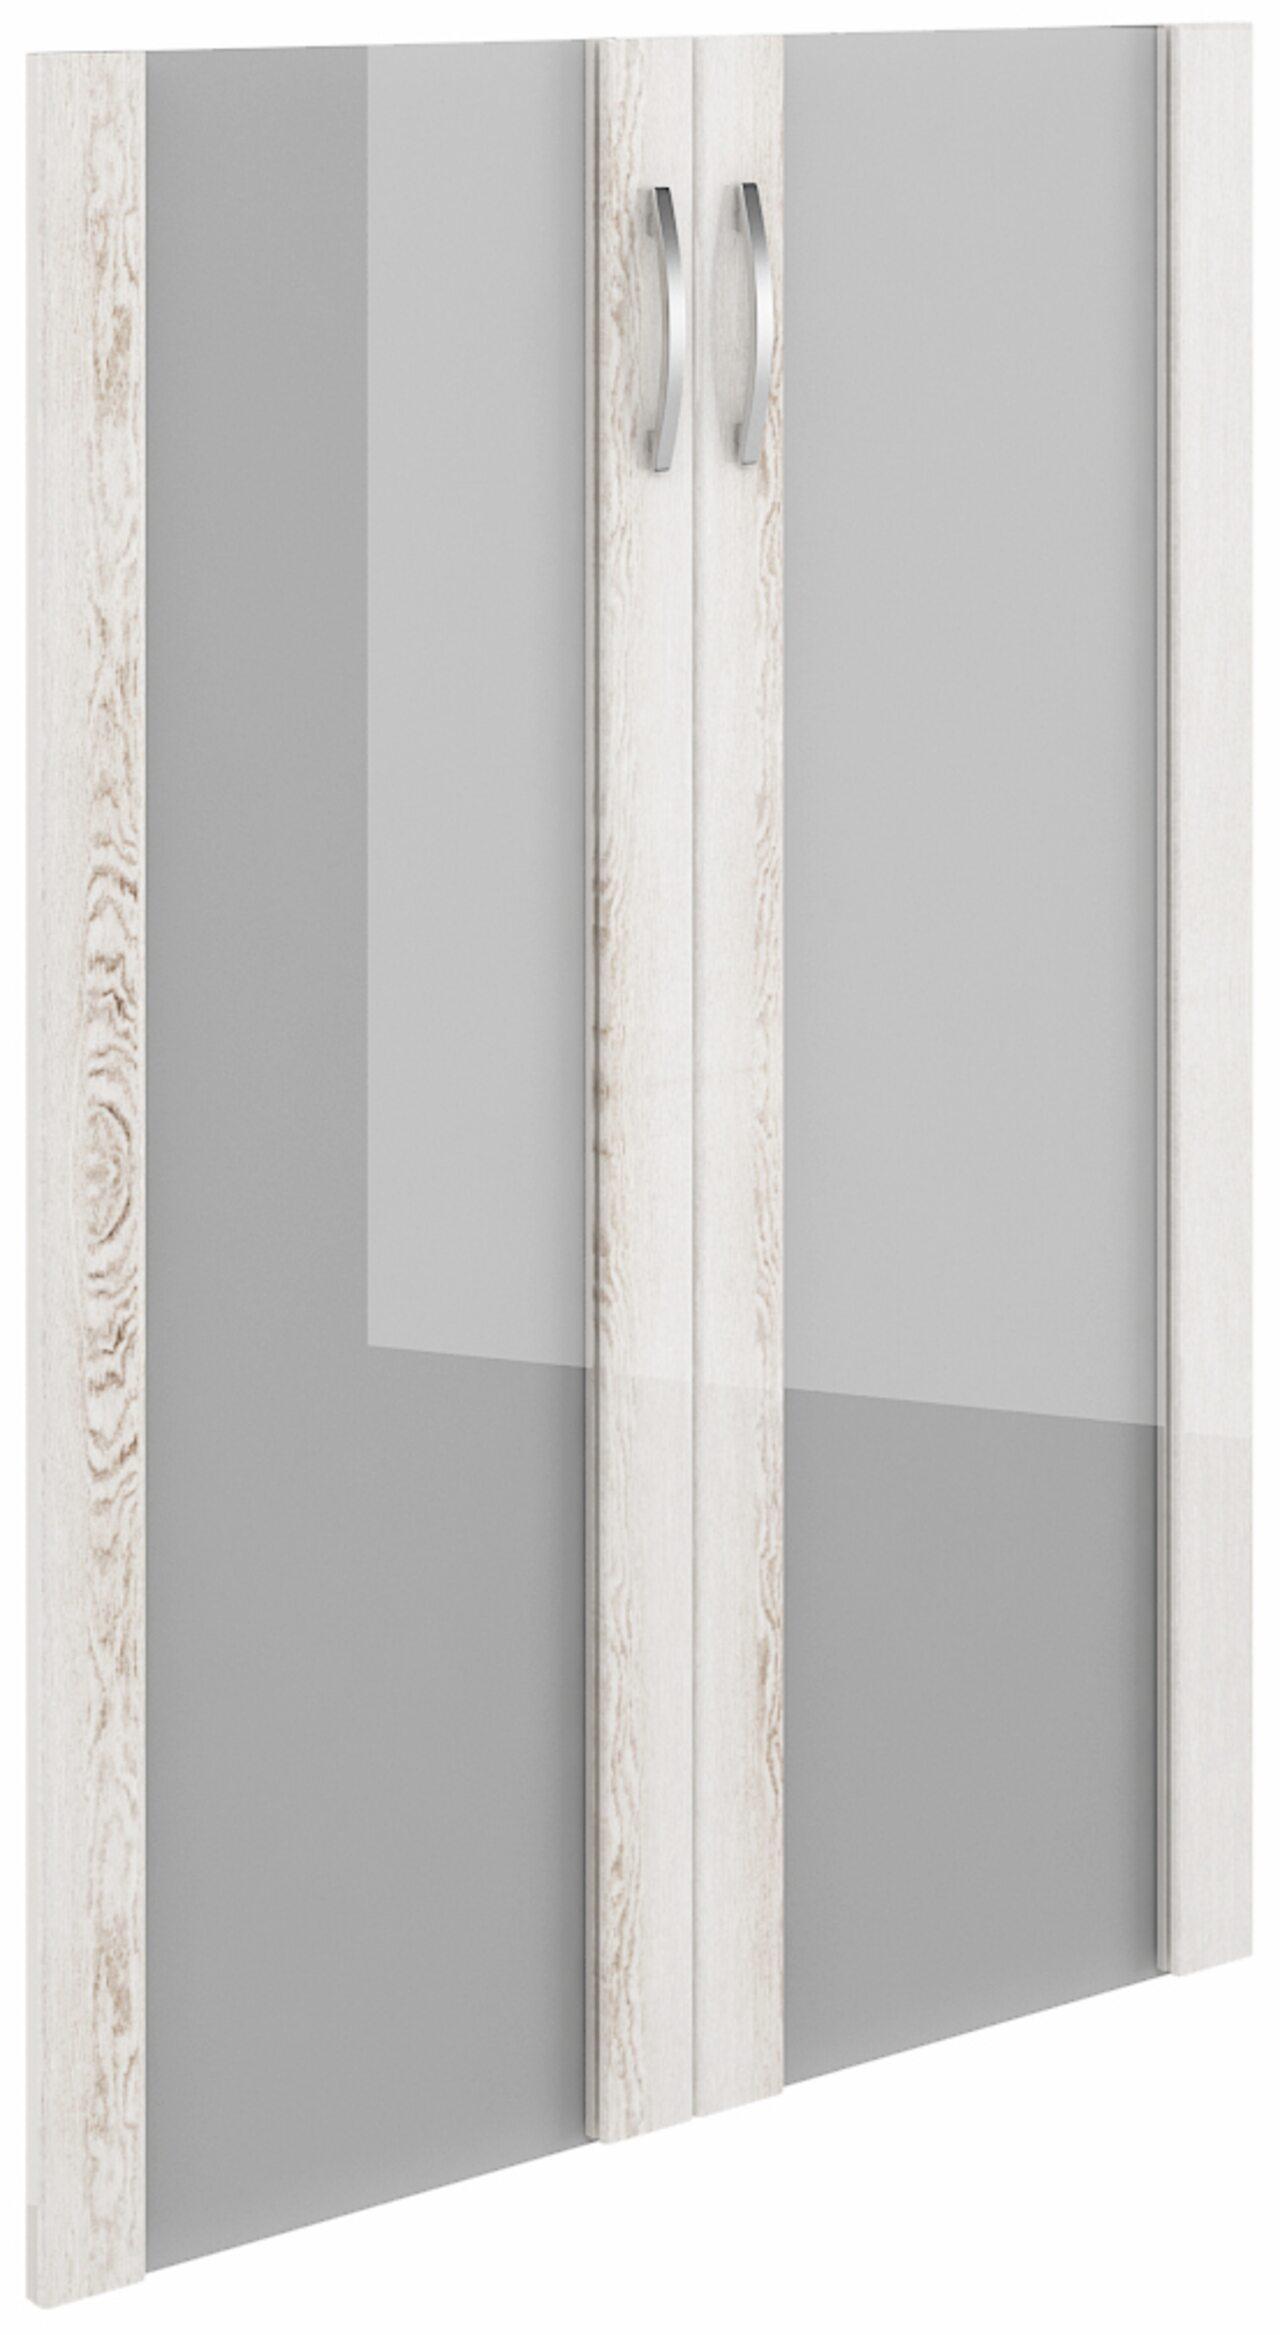 Дверь средняя стекло в рамке МДФ  КОНСУЛ II 40x2x114 - фото 1